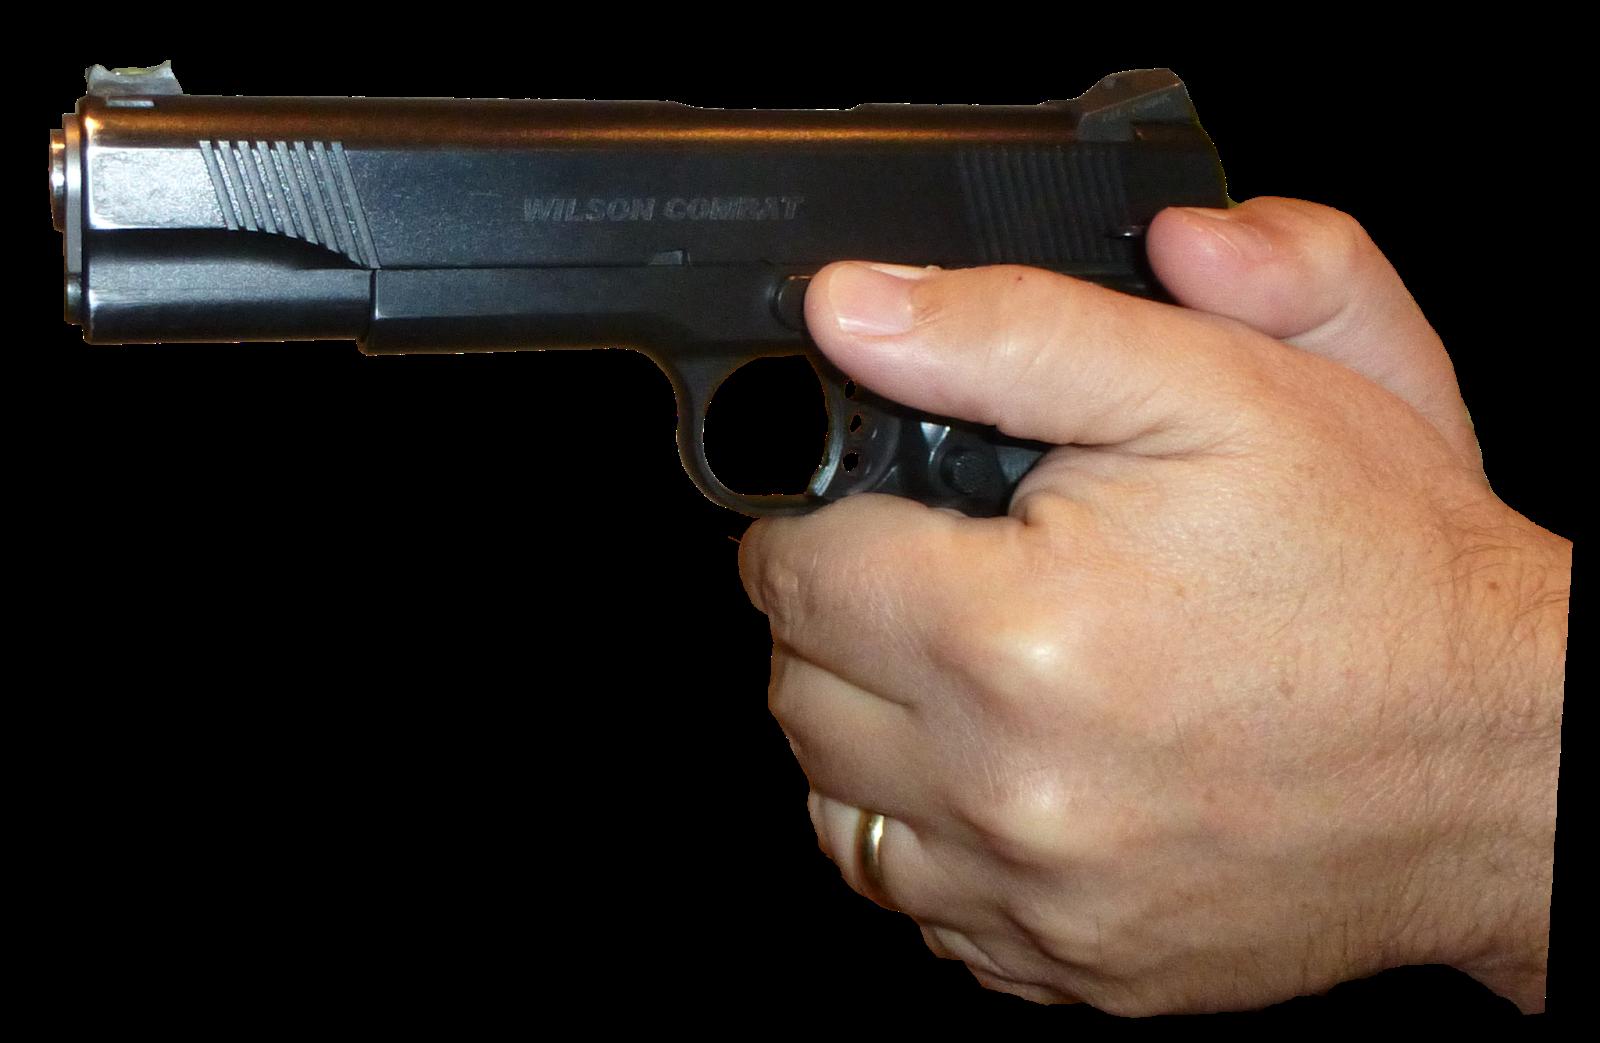 Clipart gun transparent background. Firearm pistol handgun clip